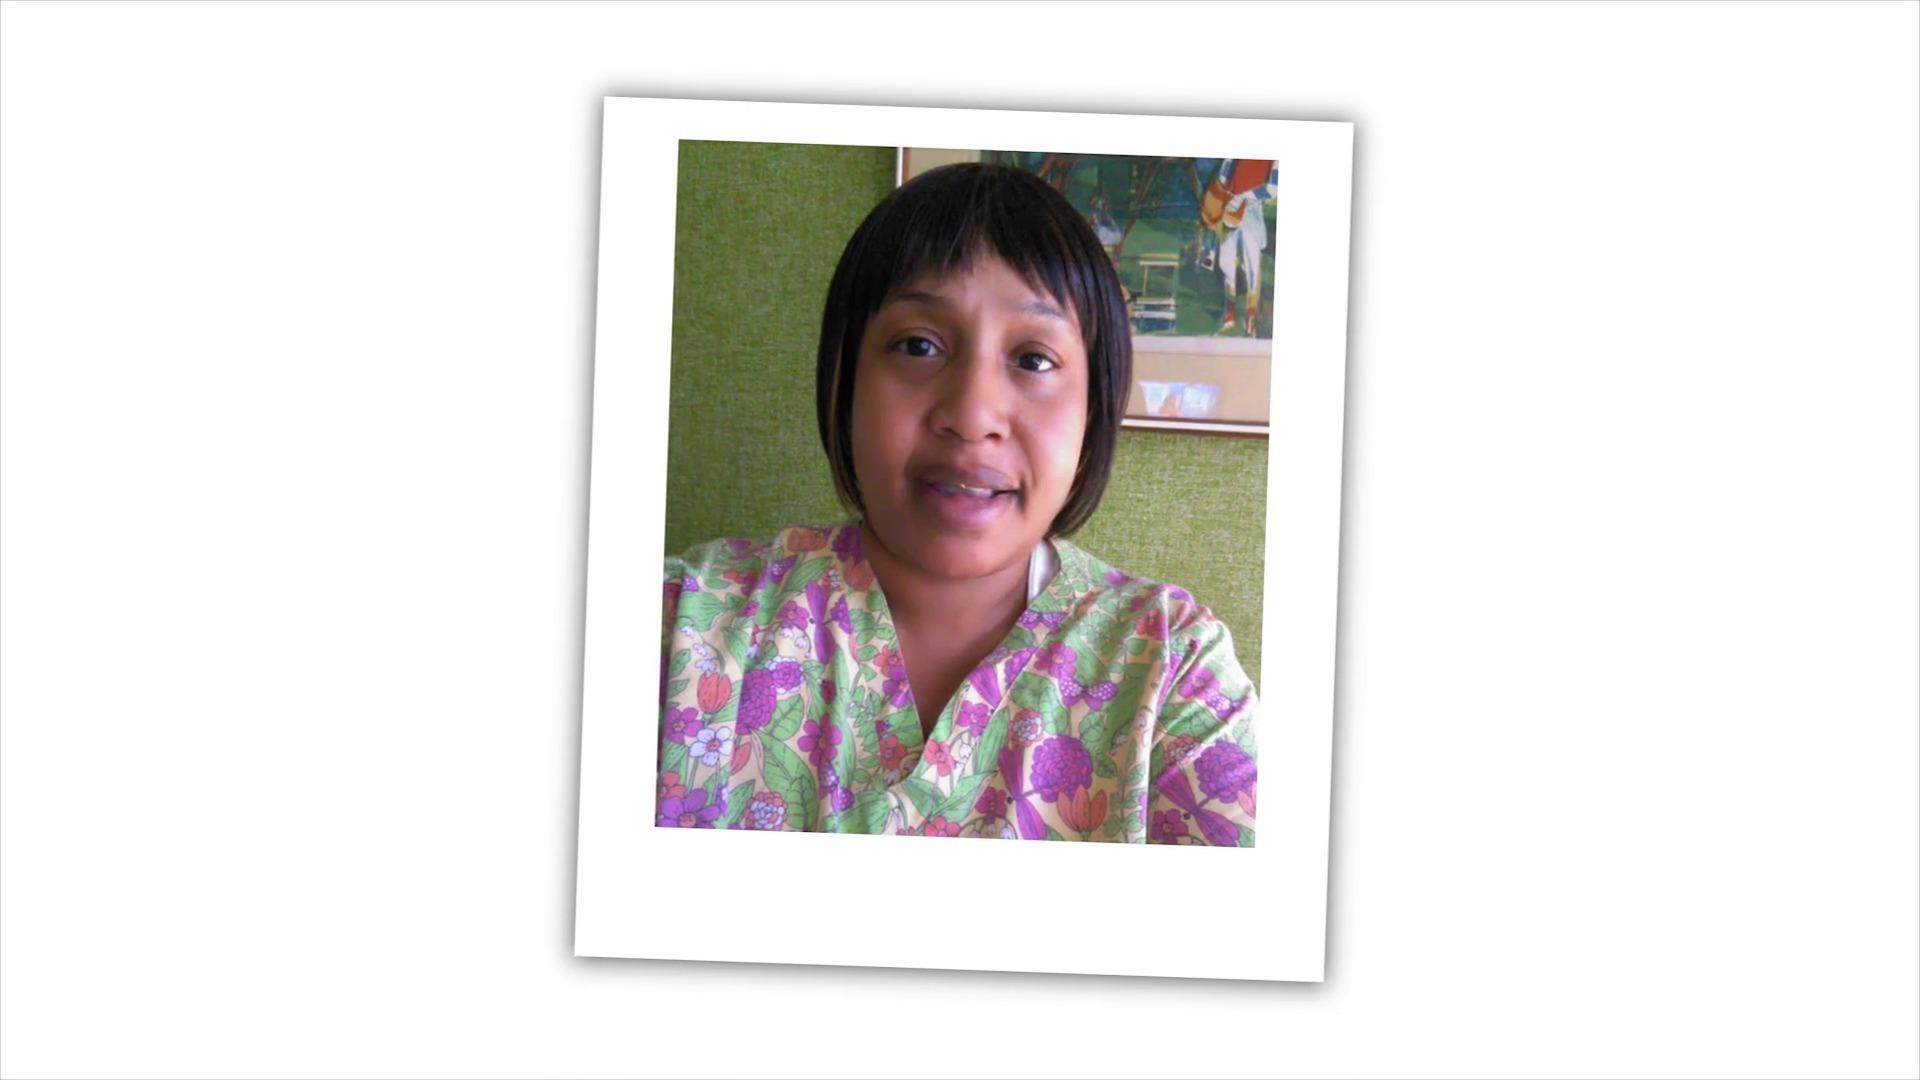 Rolonda - Caregiver in Dallas, TX - Kindly Care